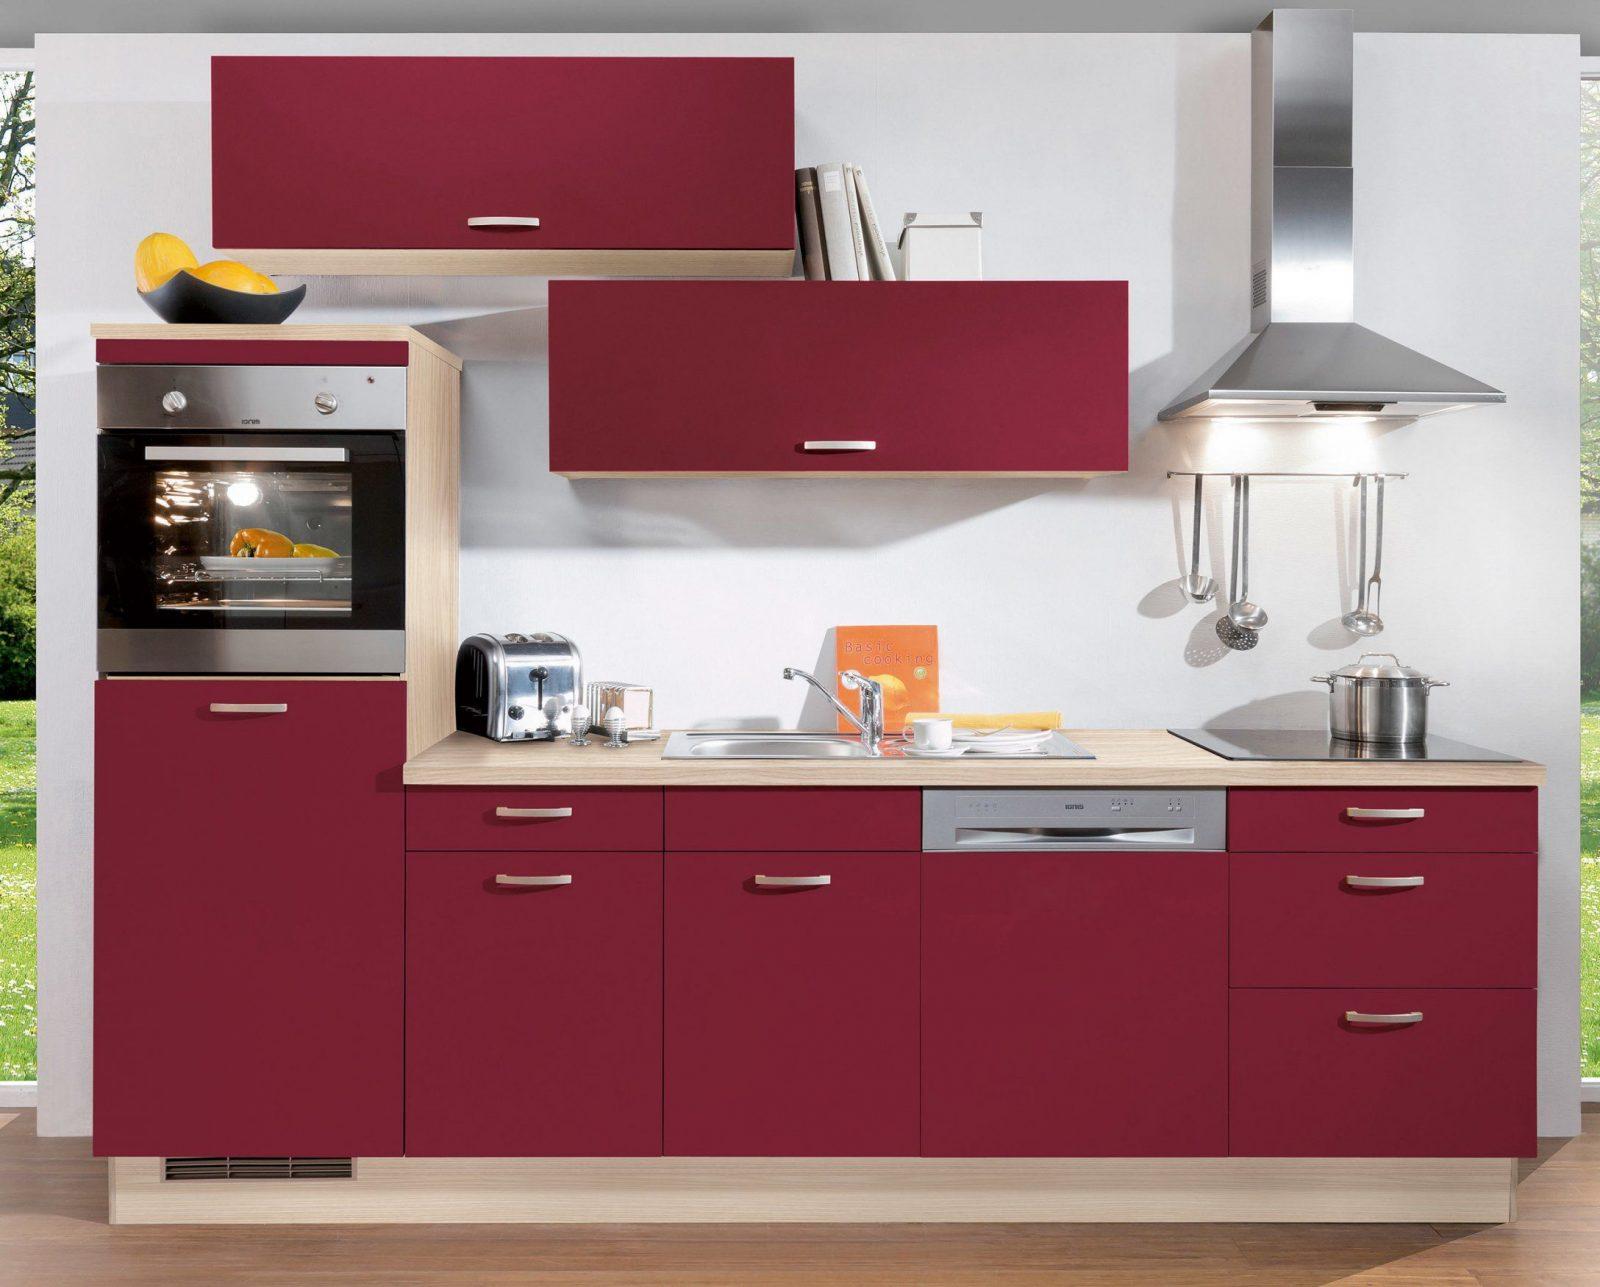 Küchenzeile Mit Elektrogeräten Ikea von Ikea Küchenzeile Mit Elektrogeräten Bild